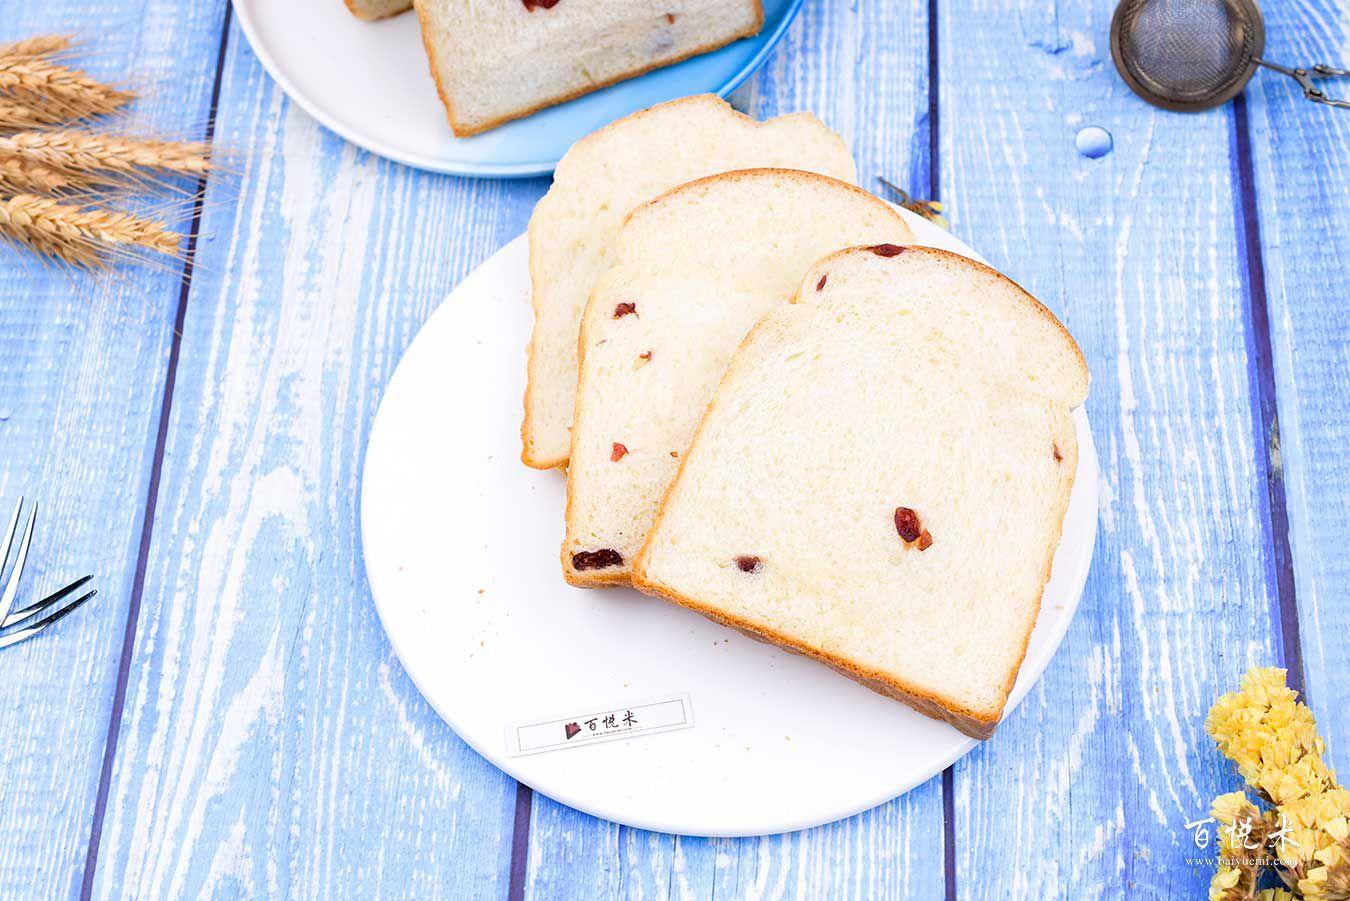 蔓越莓吐司面包高清图片大全【蛋糕图片】_531